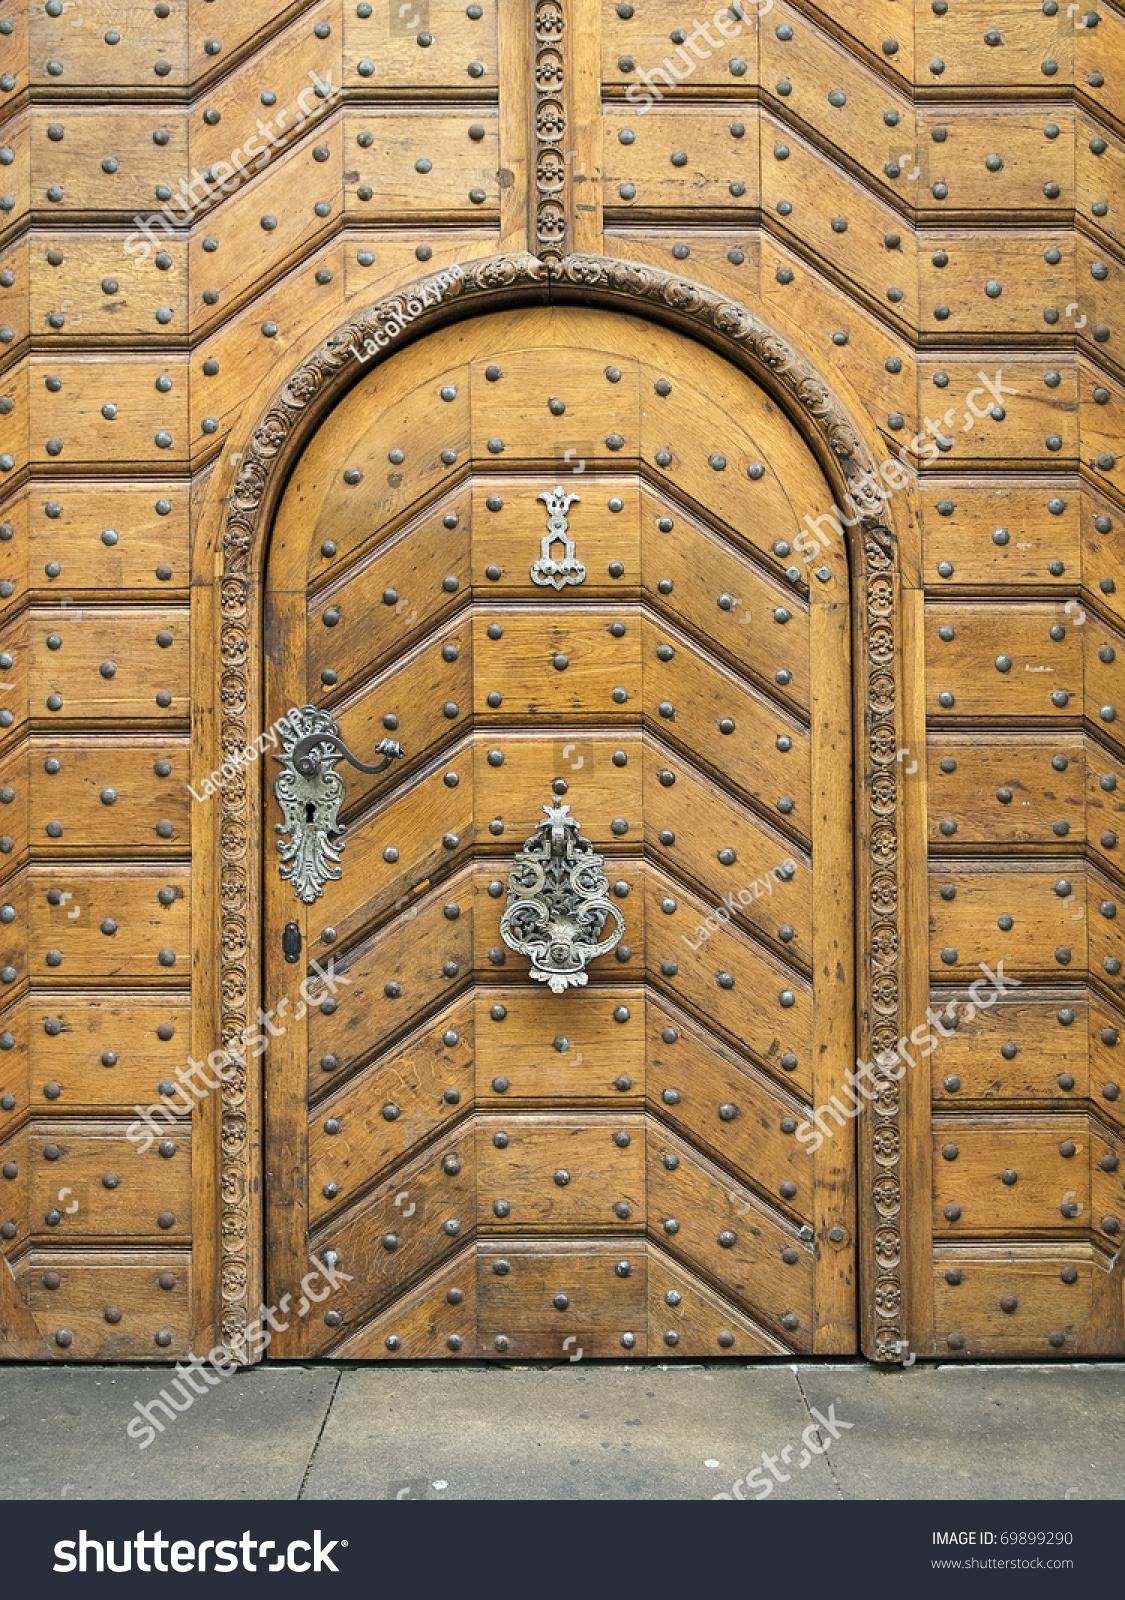 Royalty-free Old wooden castle Door #69899290 Stock Photo | Avopix.com